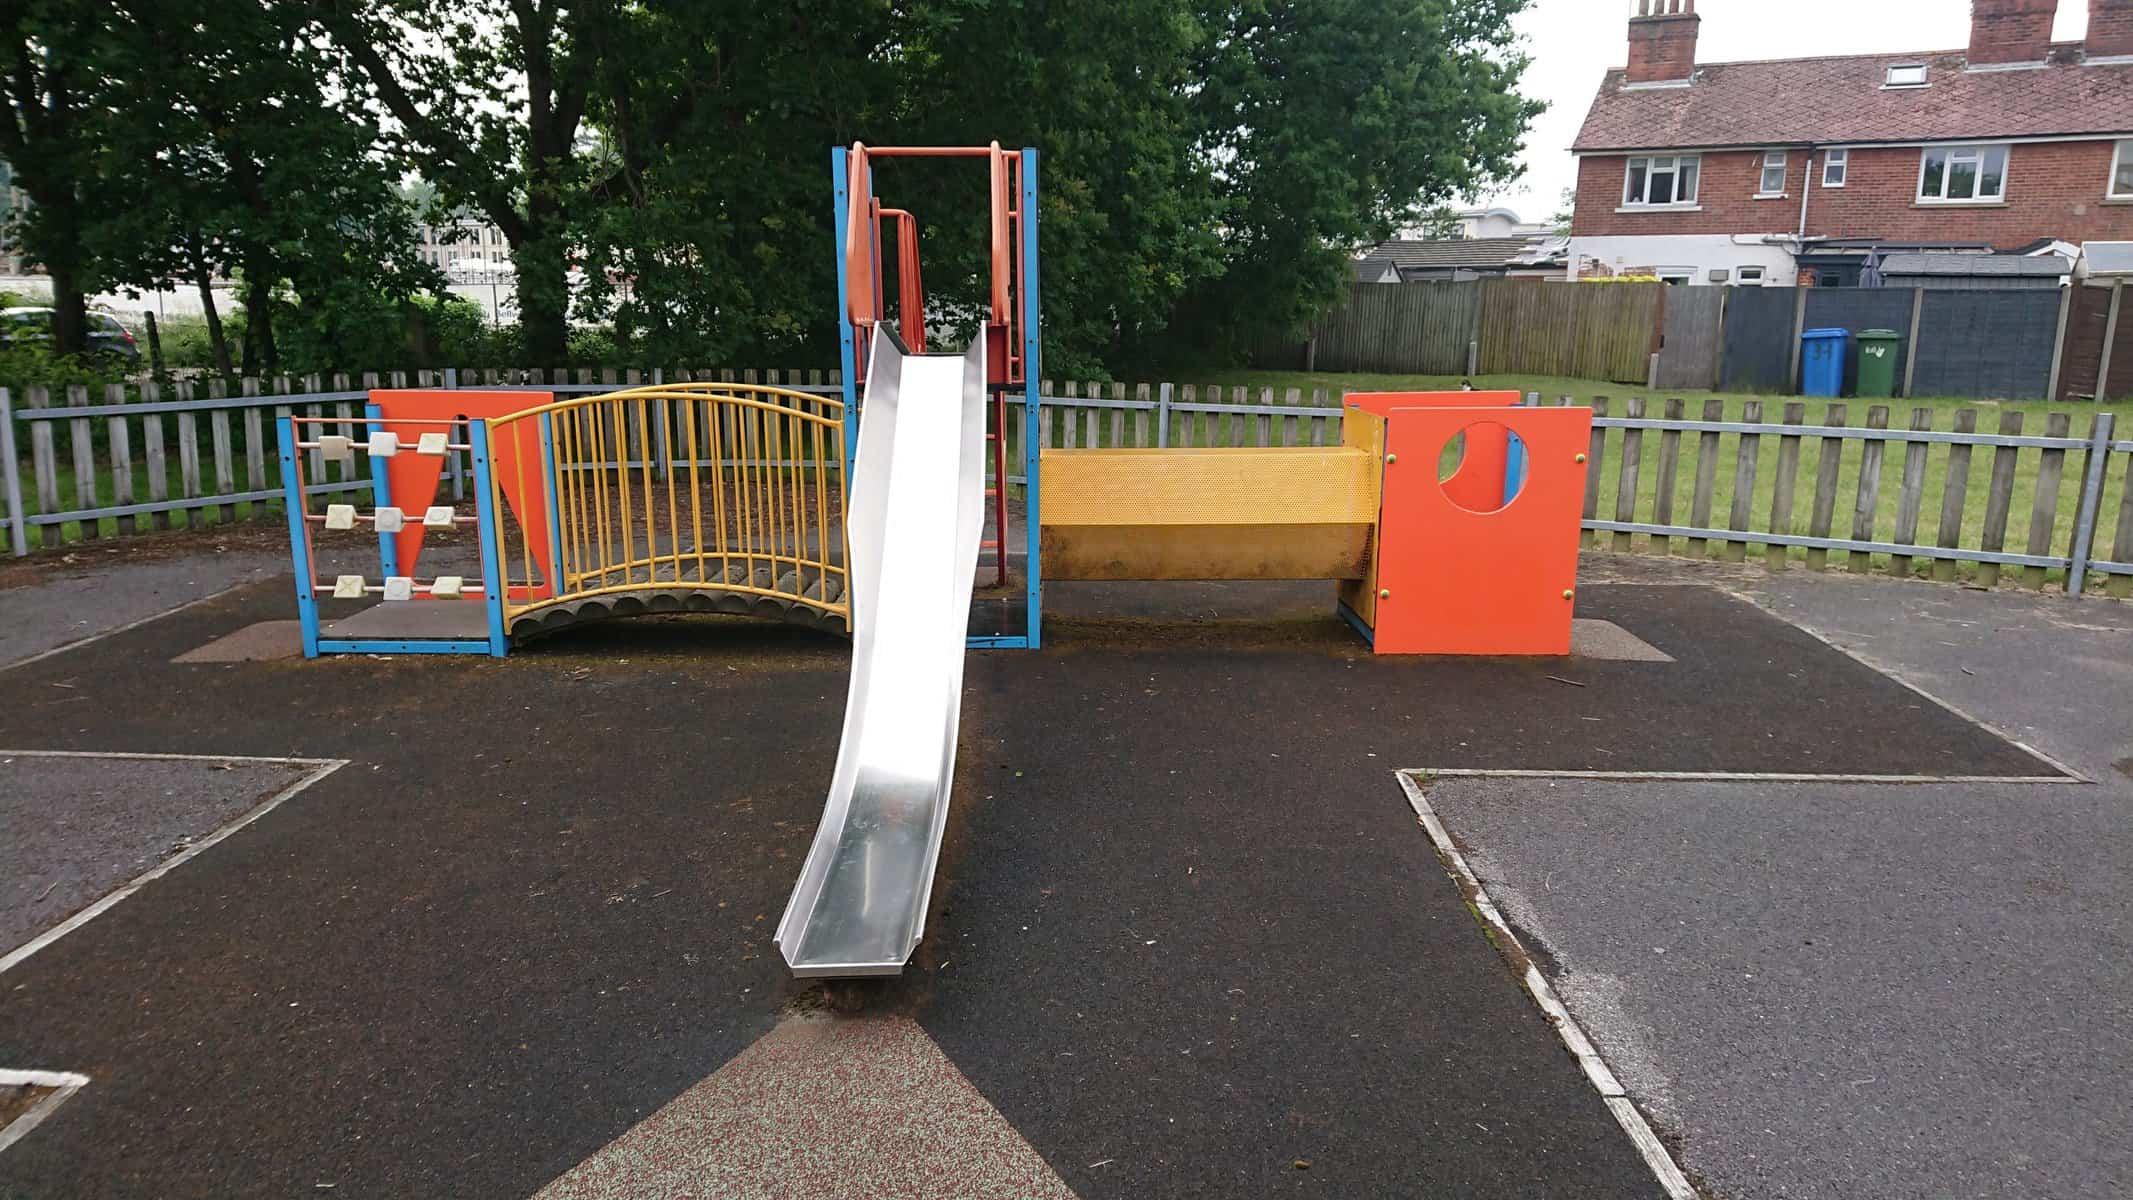 Elles Court Play Park